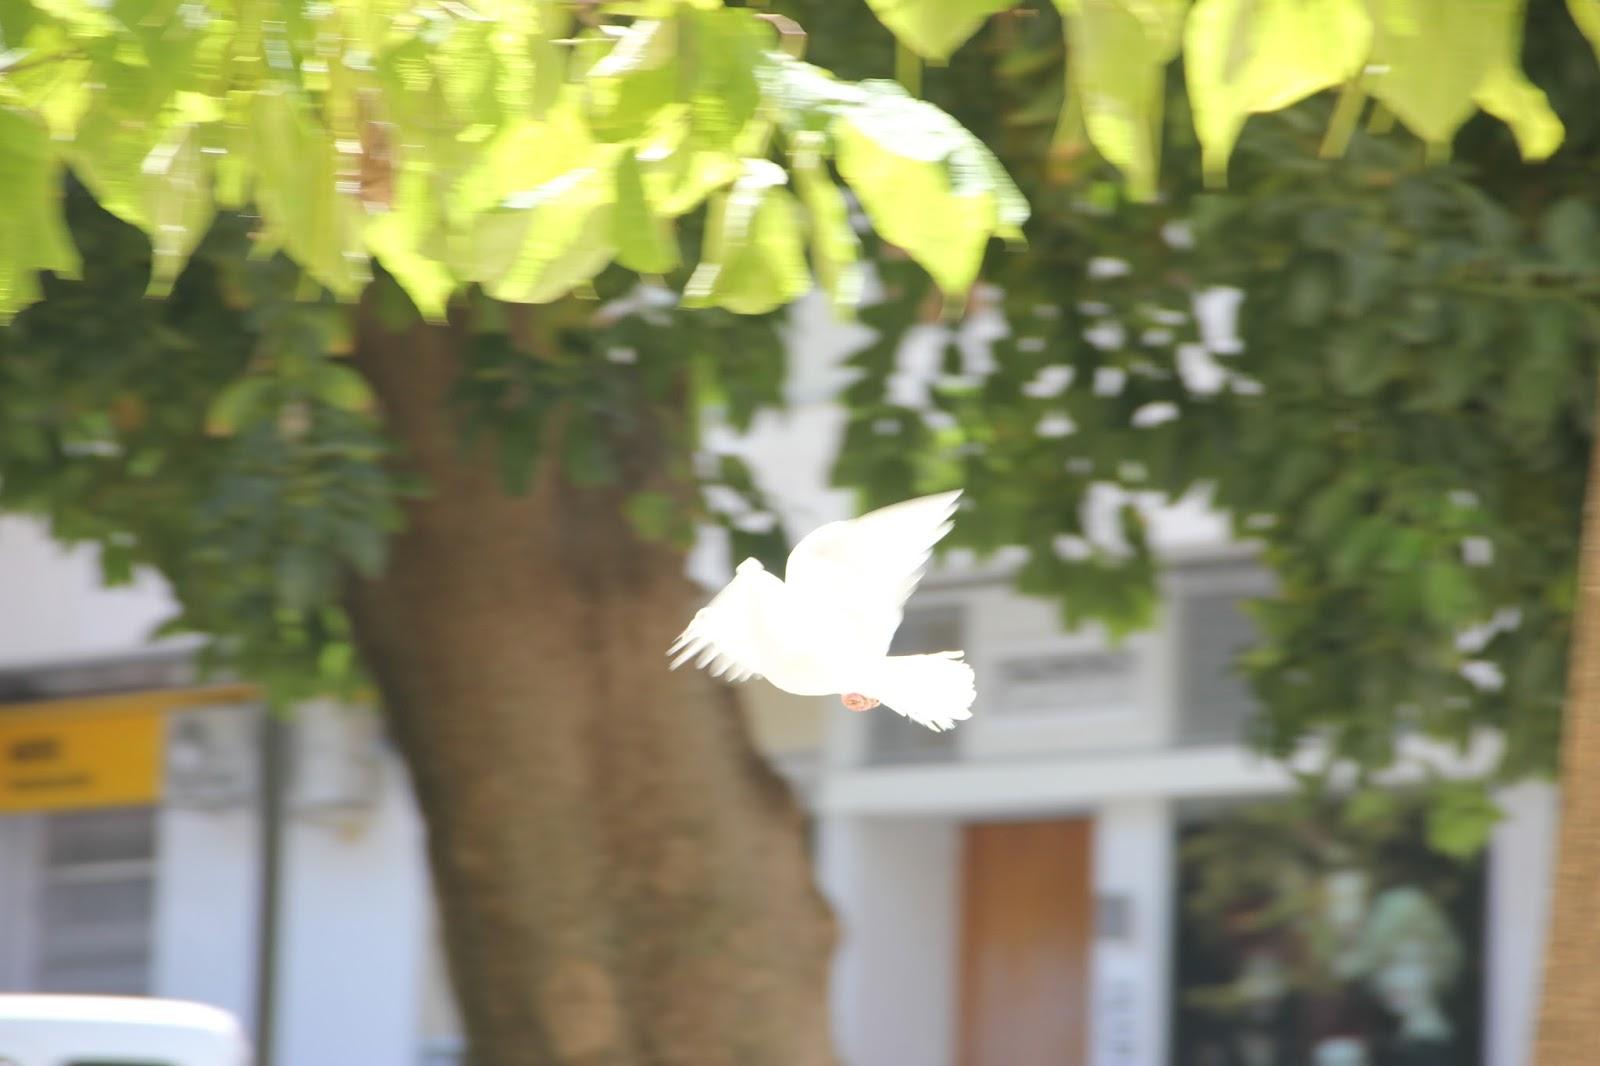 Les meues fotografies - Alis: Unas flores rosas y una paloma blanca